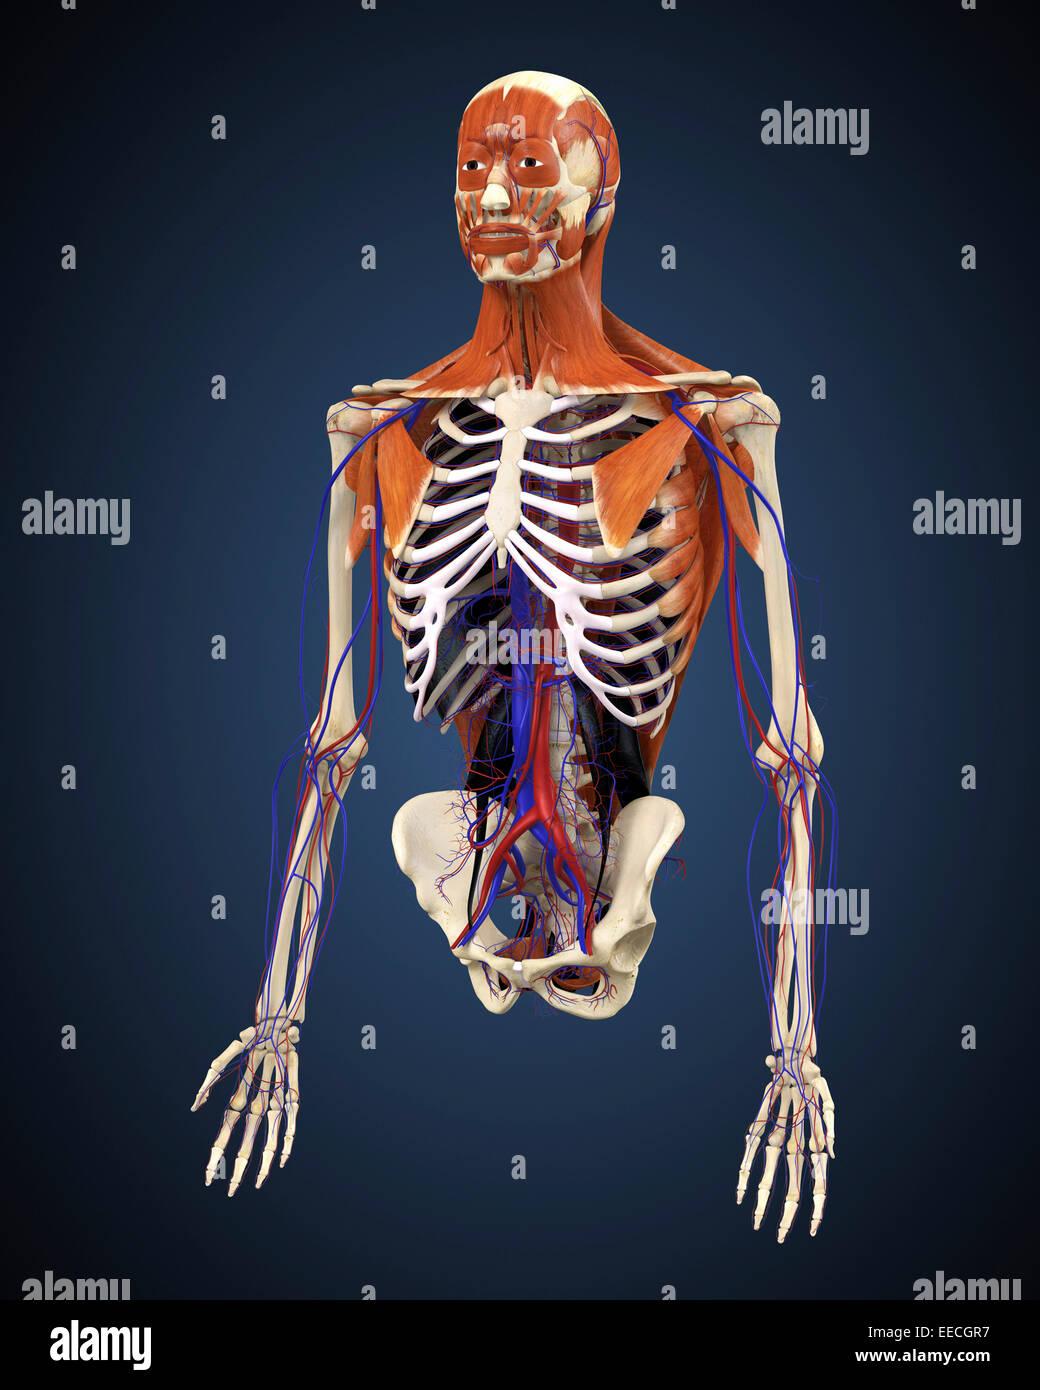 Menschlichen Oberkörper zeigen, Knochen, Muskeln und Herz-Kreislauf-System. Stockfoto